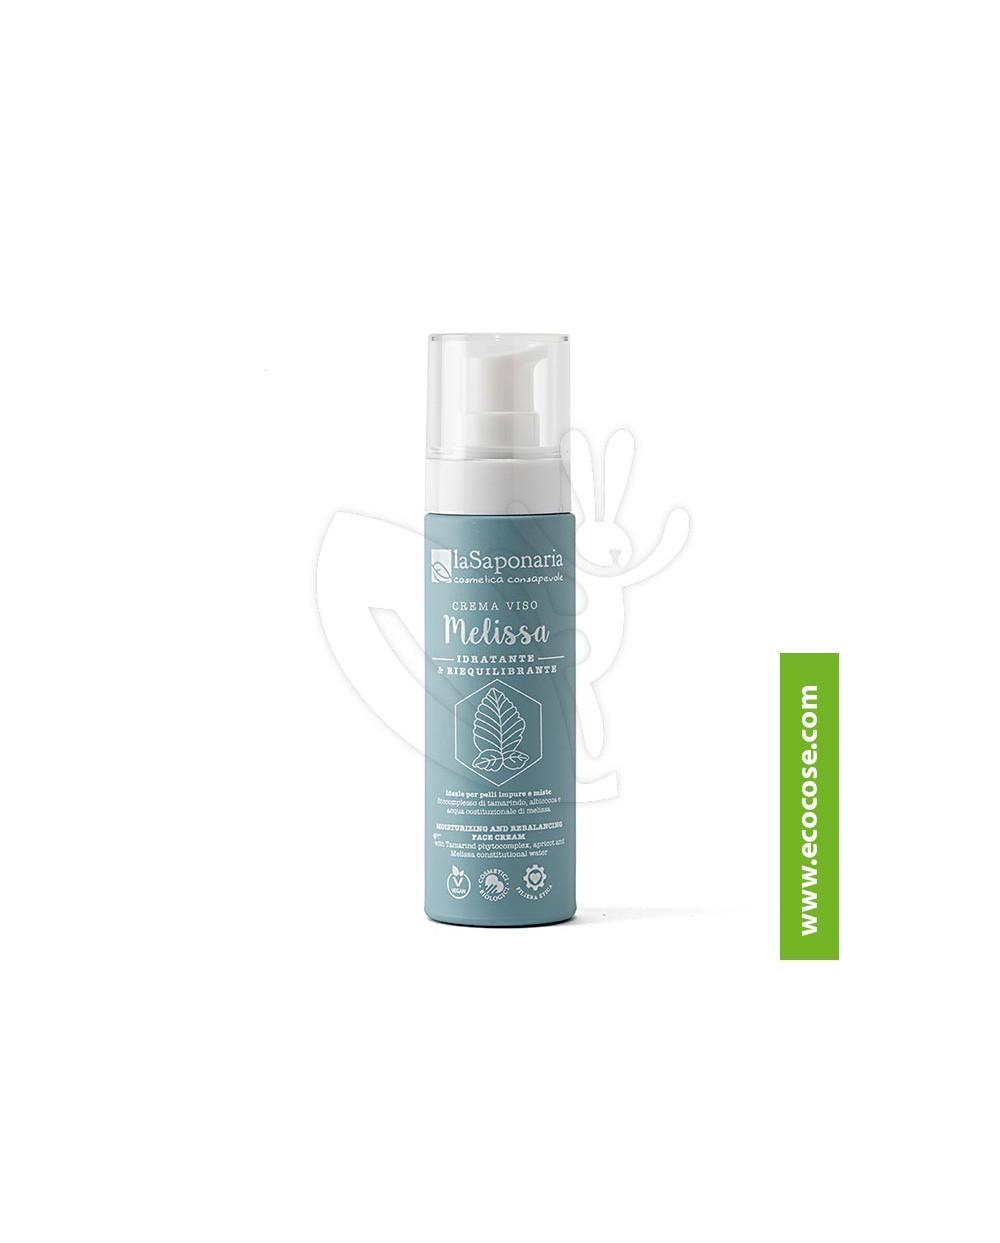 La Saponaria - Costituzionale - Crema viso idratante riequilibrante Melissa